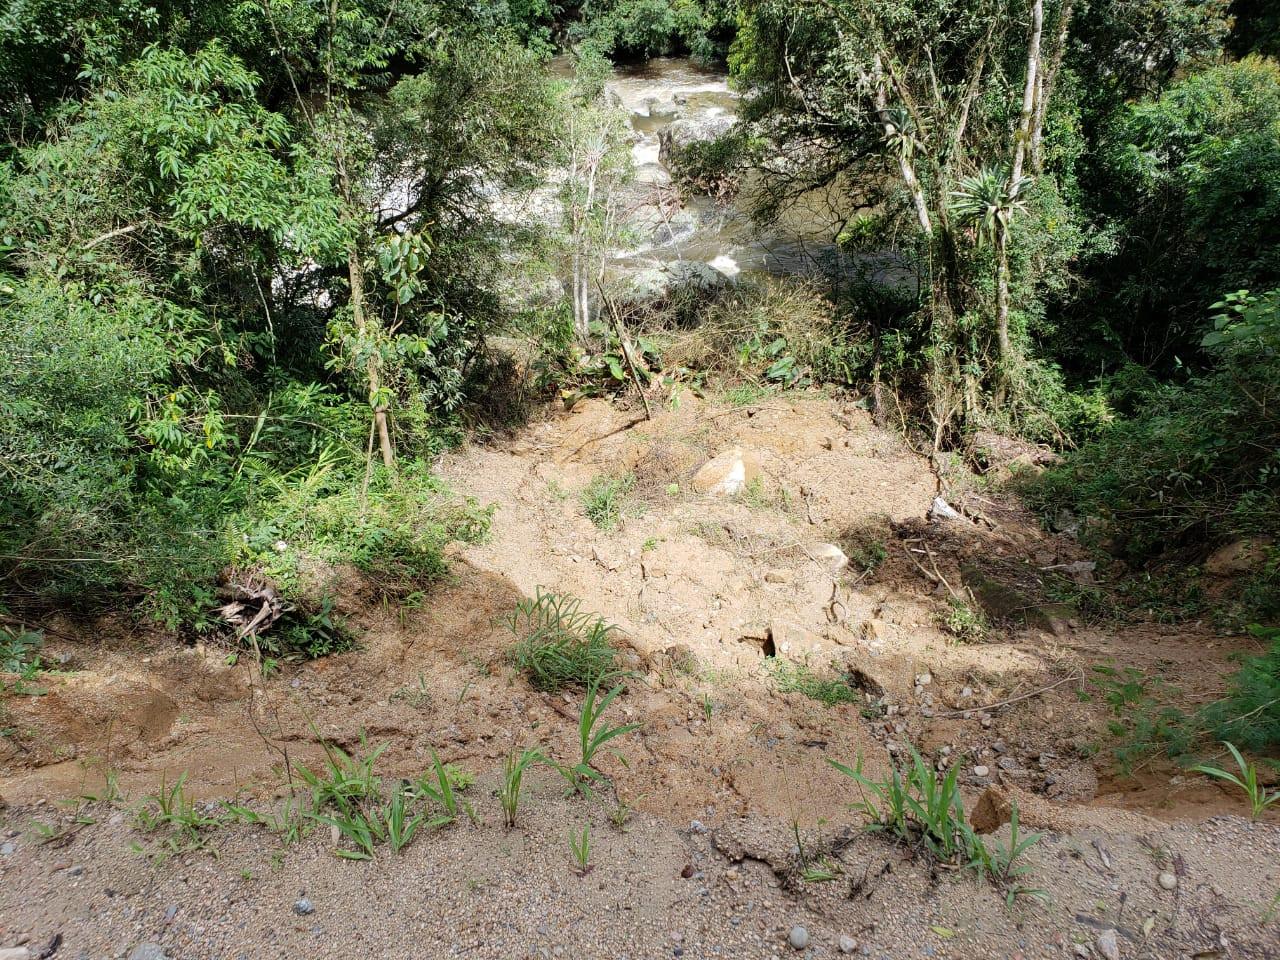 Prefeitura de Anitápolis decretou situação de emergência em decorrência das fortes chuvas que atingiram o município nos últimos dias. - Prefeitura de Anitápolis/Divulgação/ND